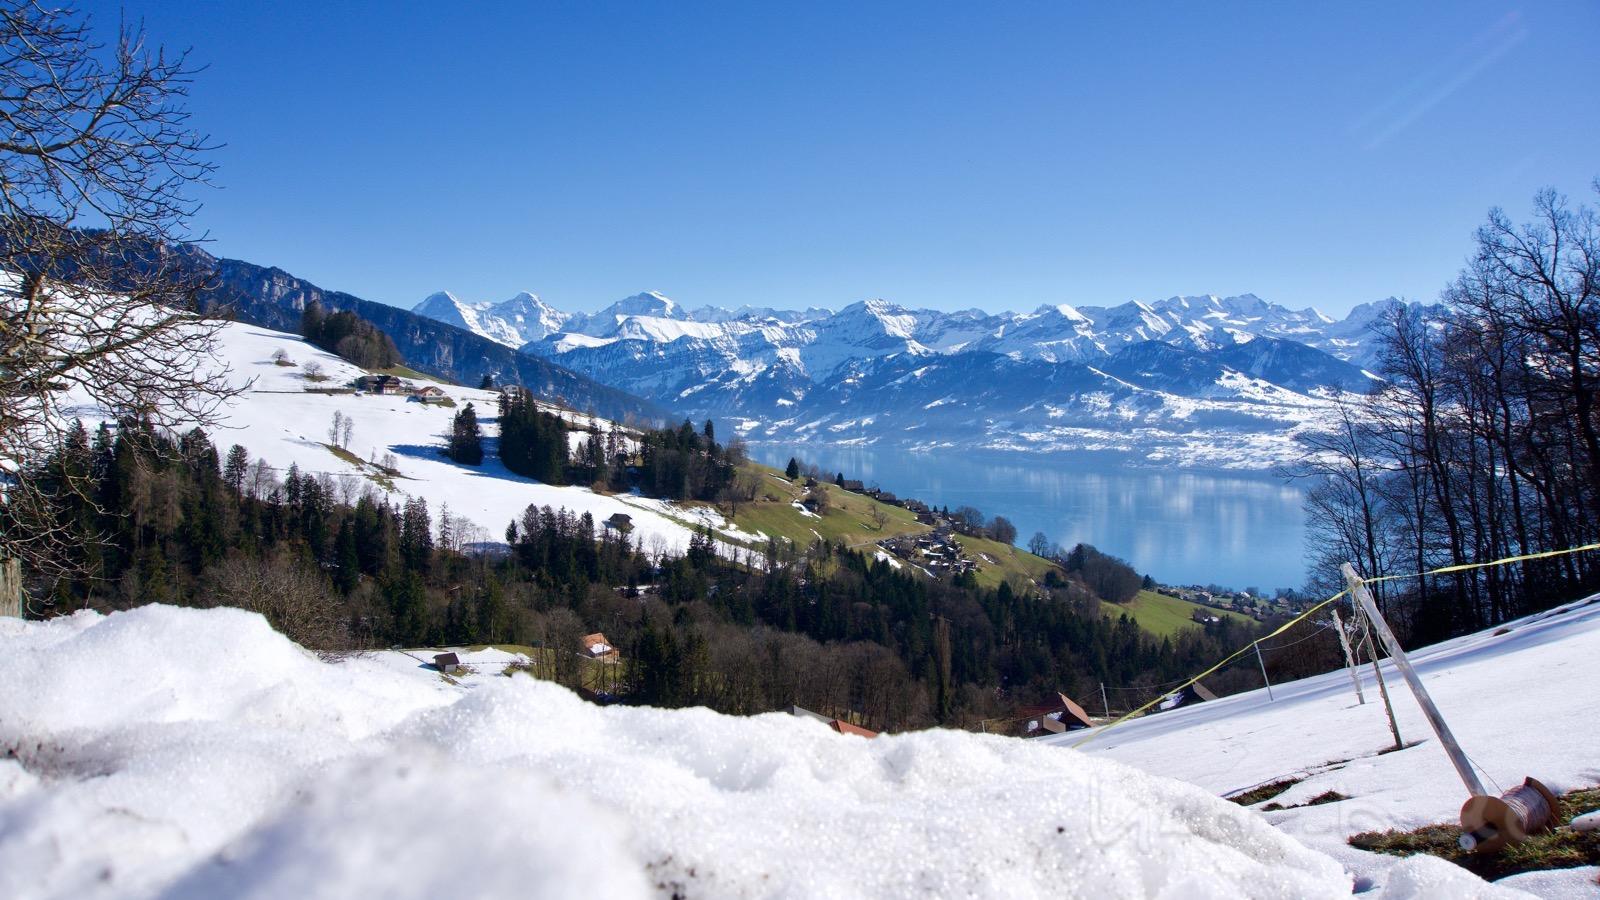 Blick auf Thunersee und Eiger, Mönch, Jungfrau.